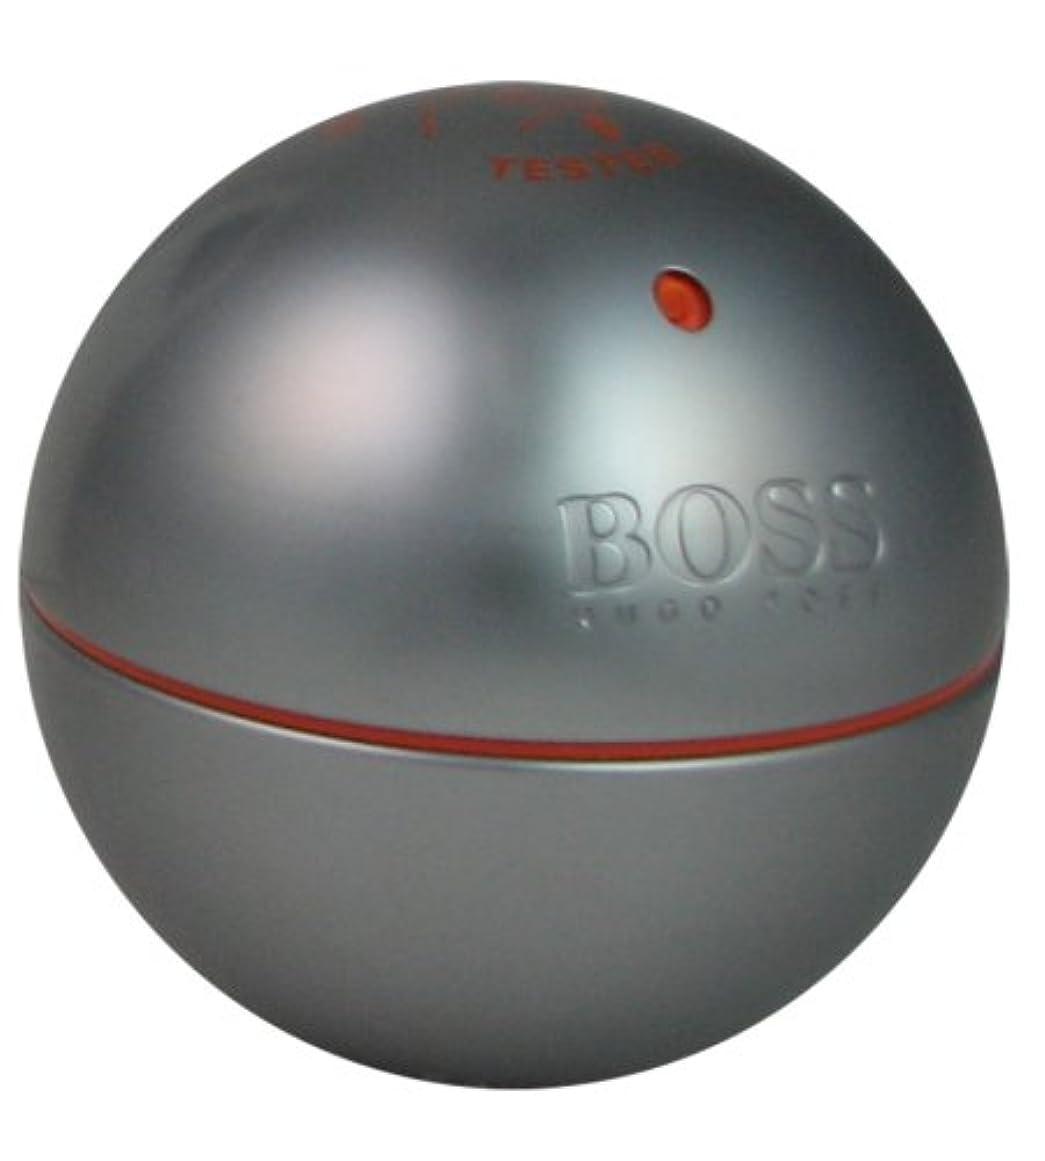 ヒューゴ ボス HUGO BOSS ボス インモーション 90ml EDT テスター fs